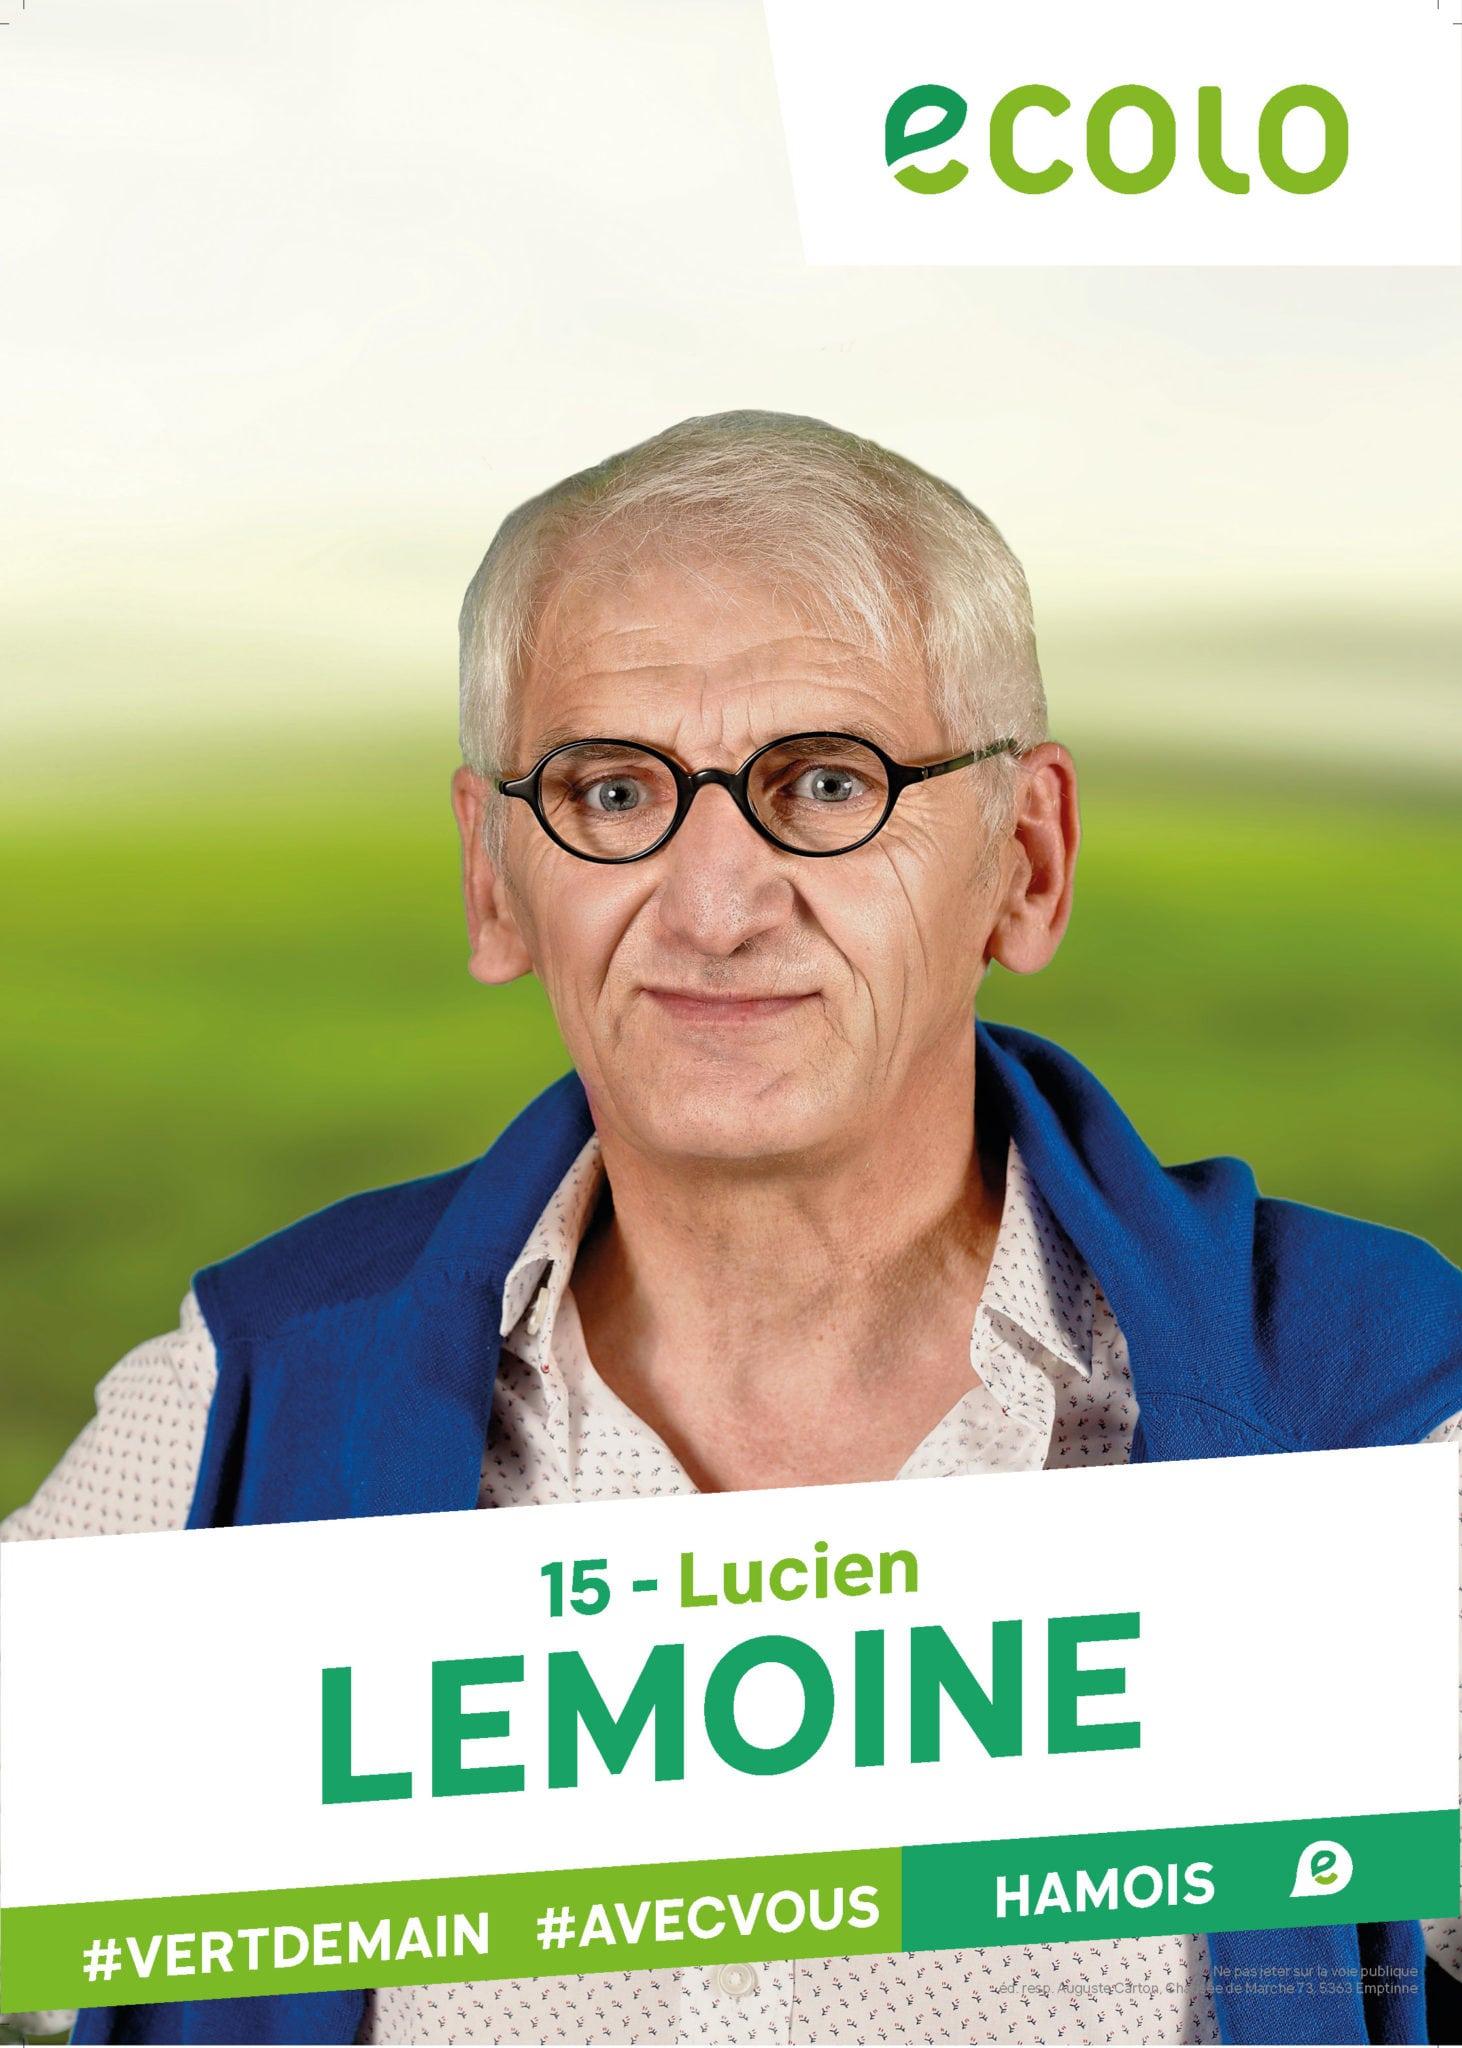 15 - Lucien LEMOINE